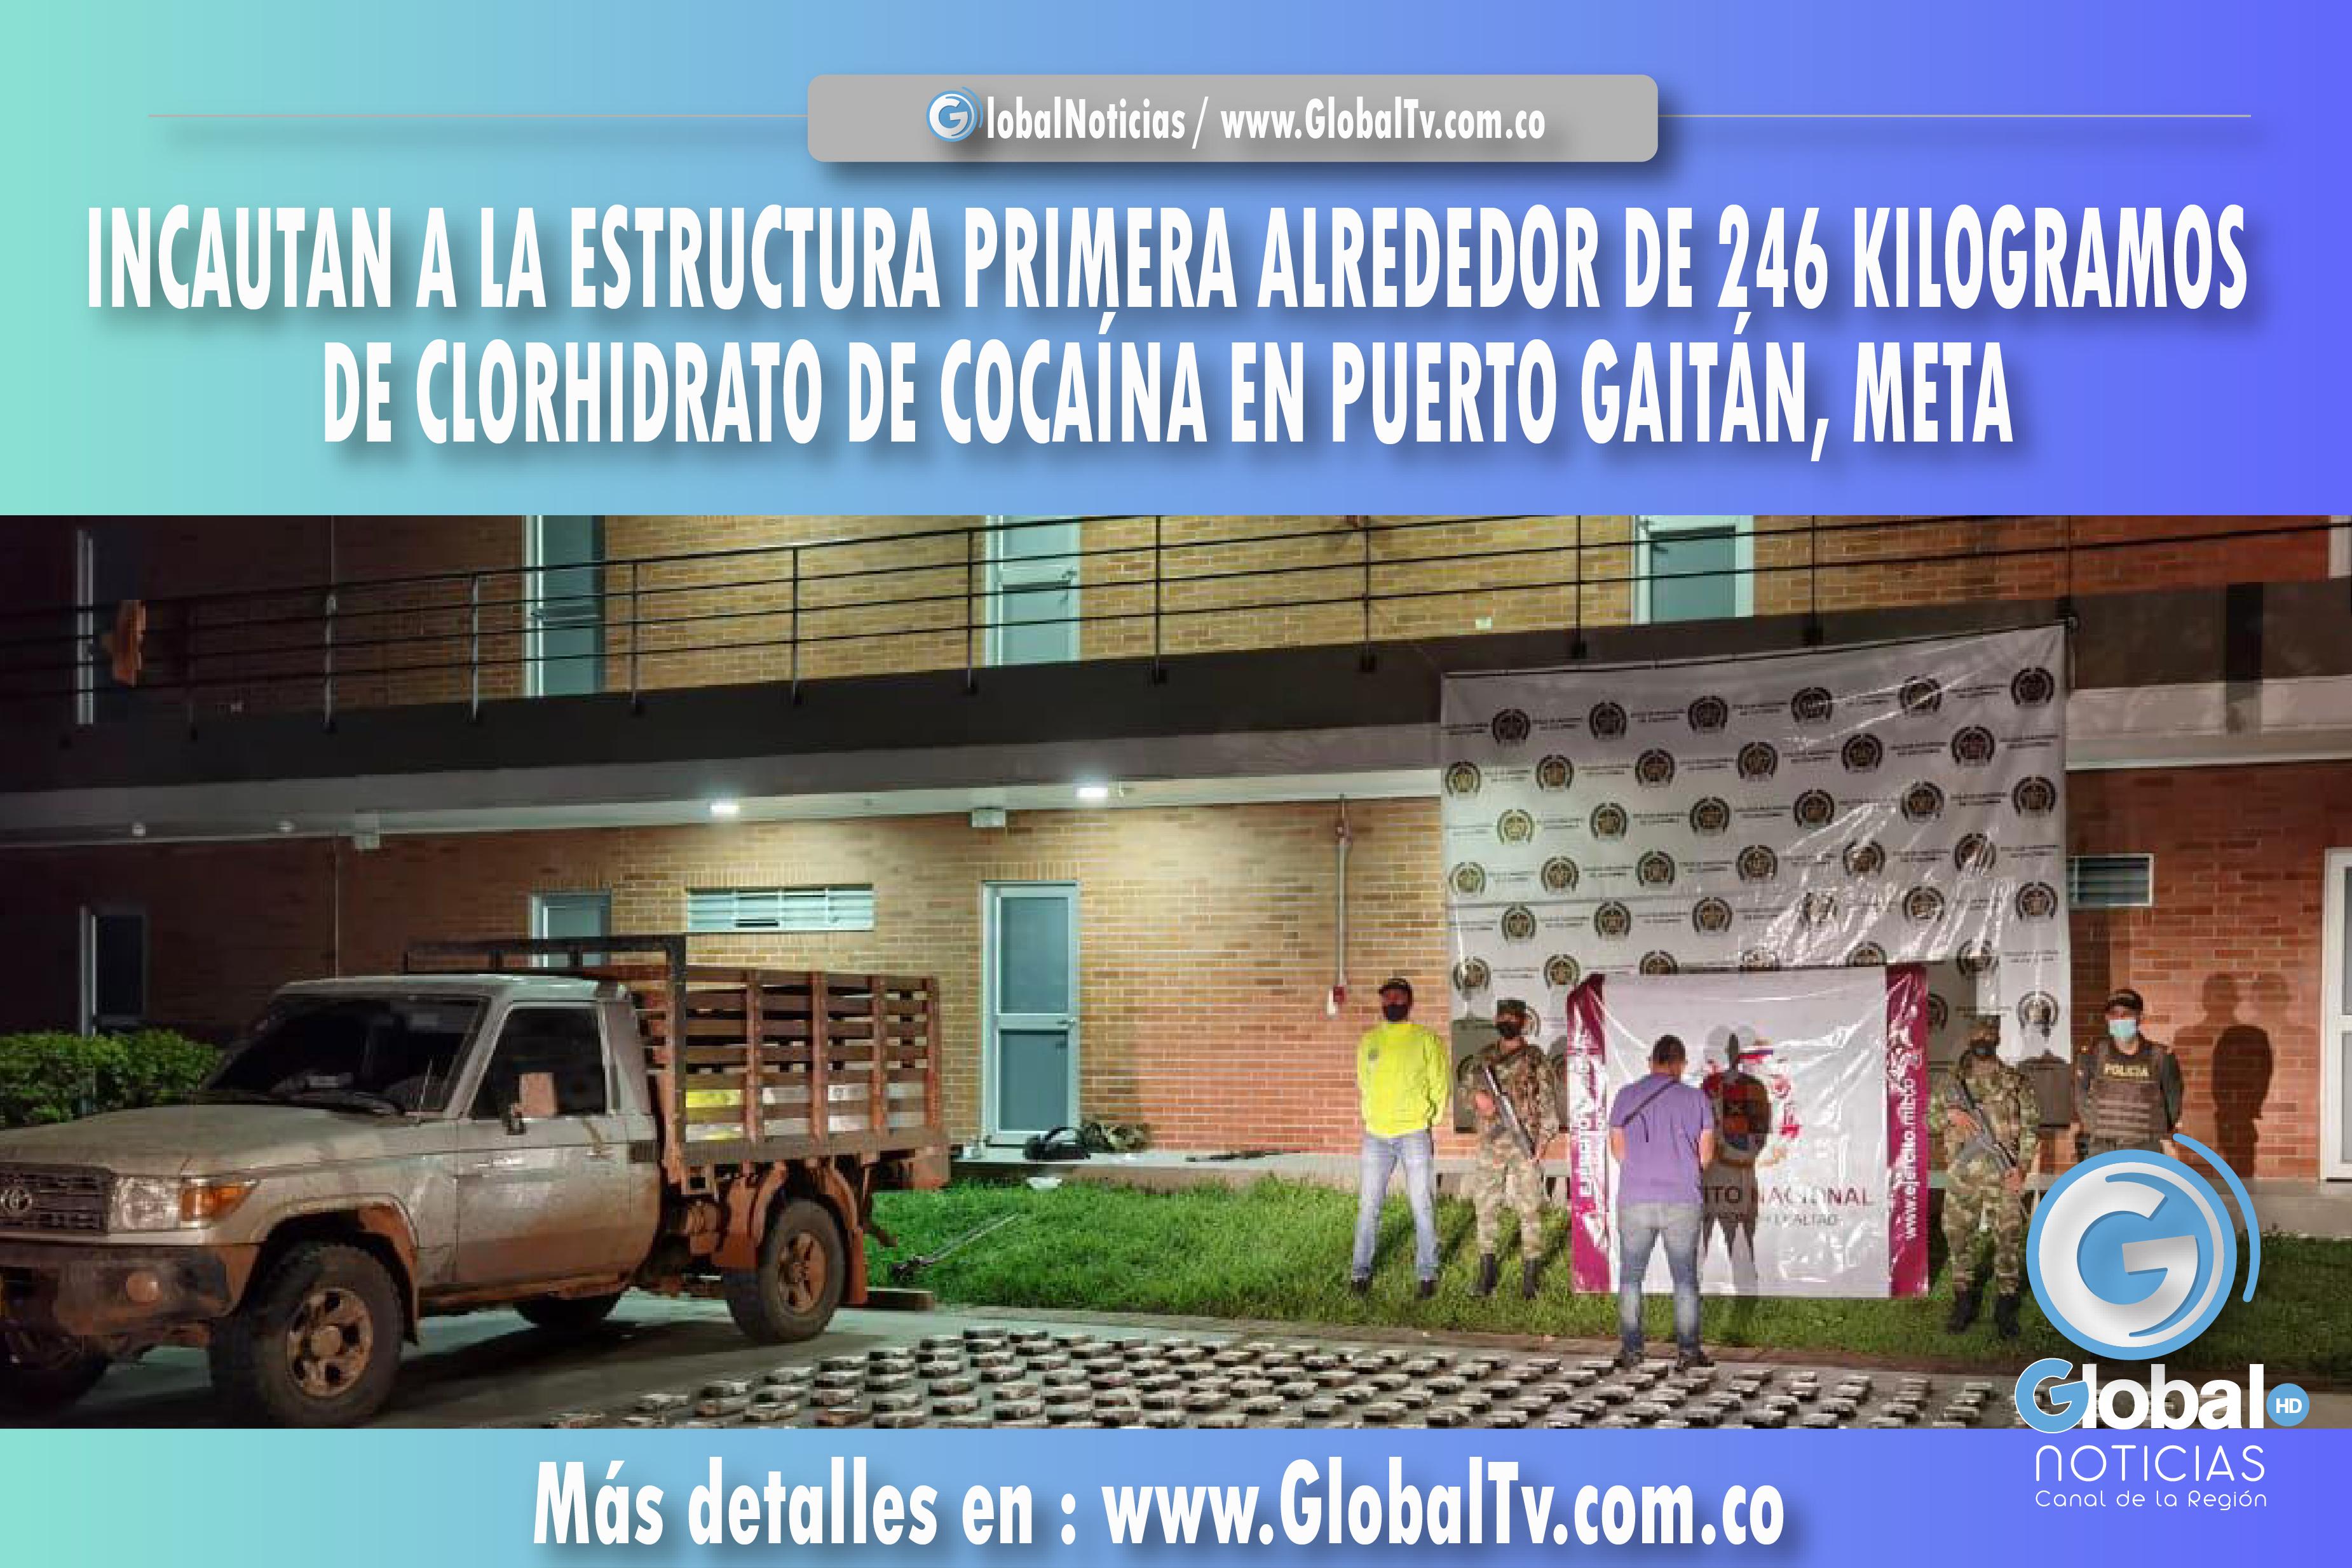 INCAUTAN A LA ESTRUCTURA PRIMERA ALREDEDOR DE 246 KILOGRAMOS DE CLORHIDRATO DE COCAÍNA EN PUERTO GAITÁN META